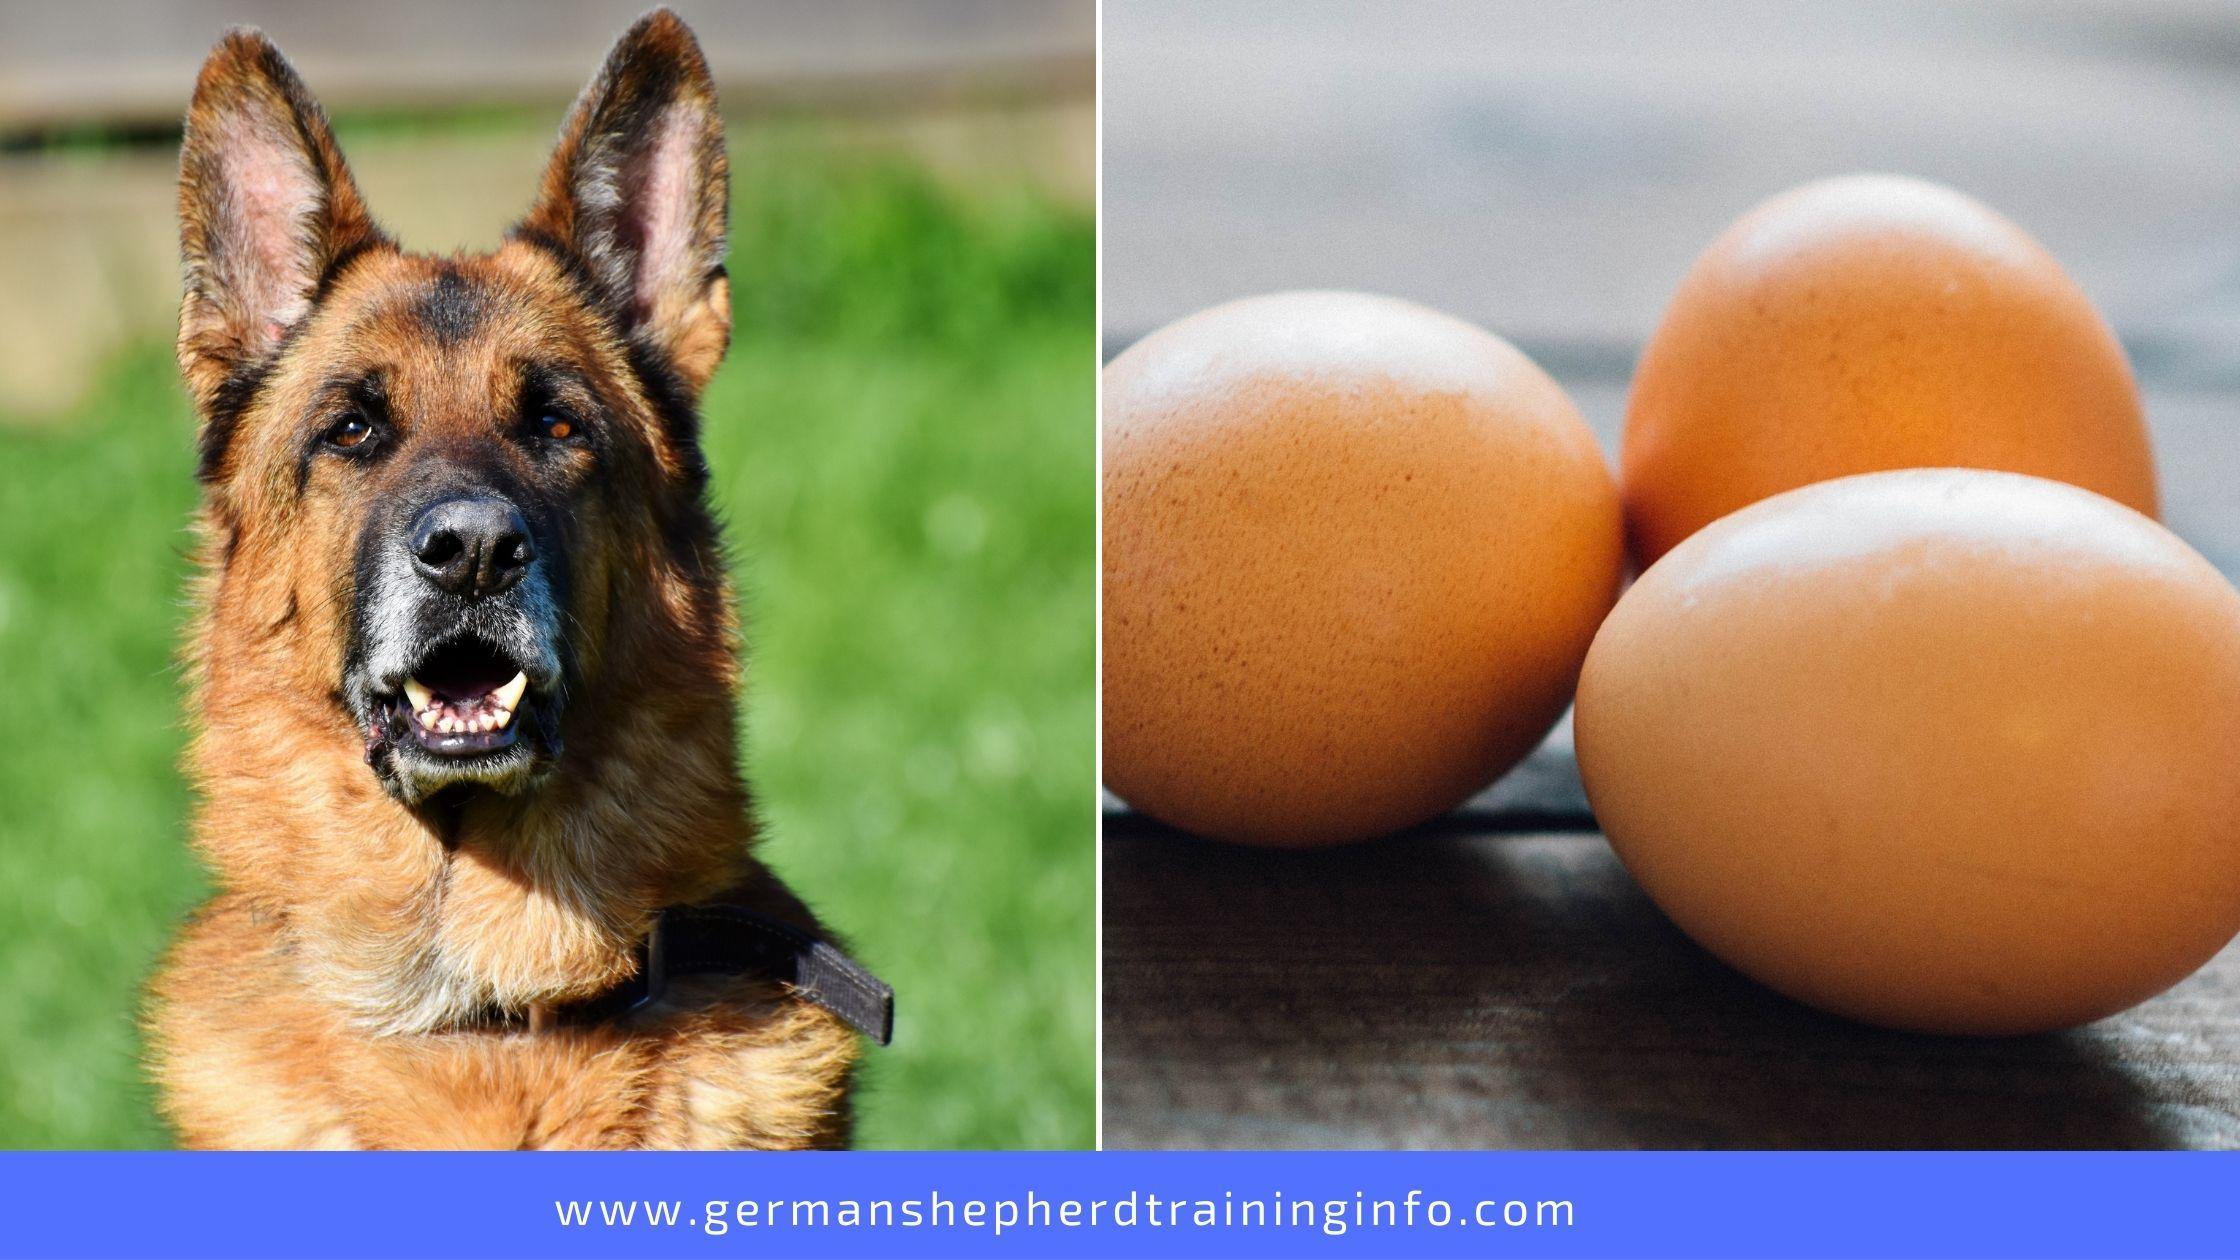 Can German Shepherds Eat Eggs?